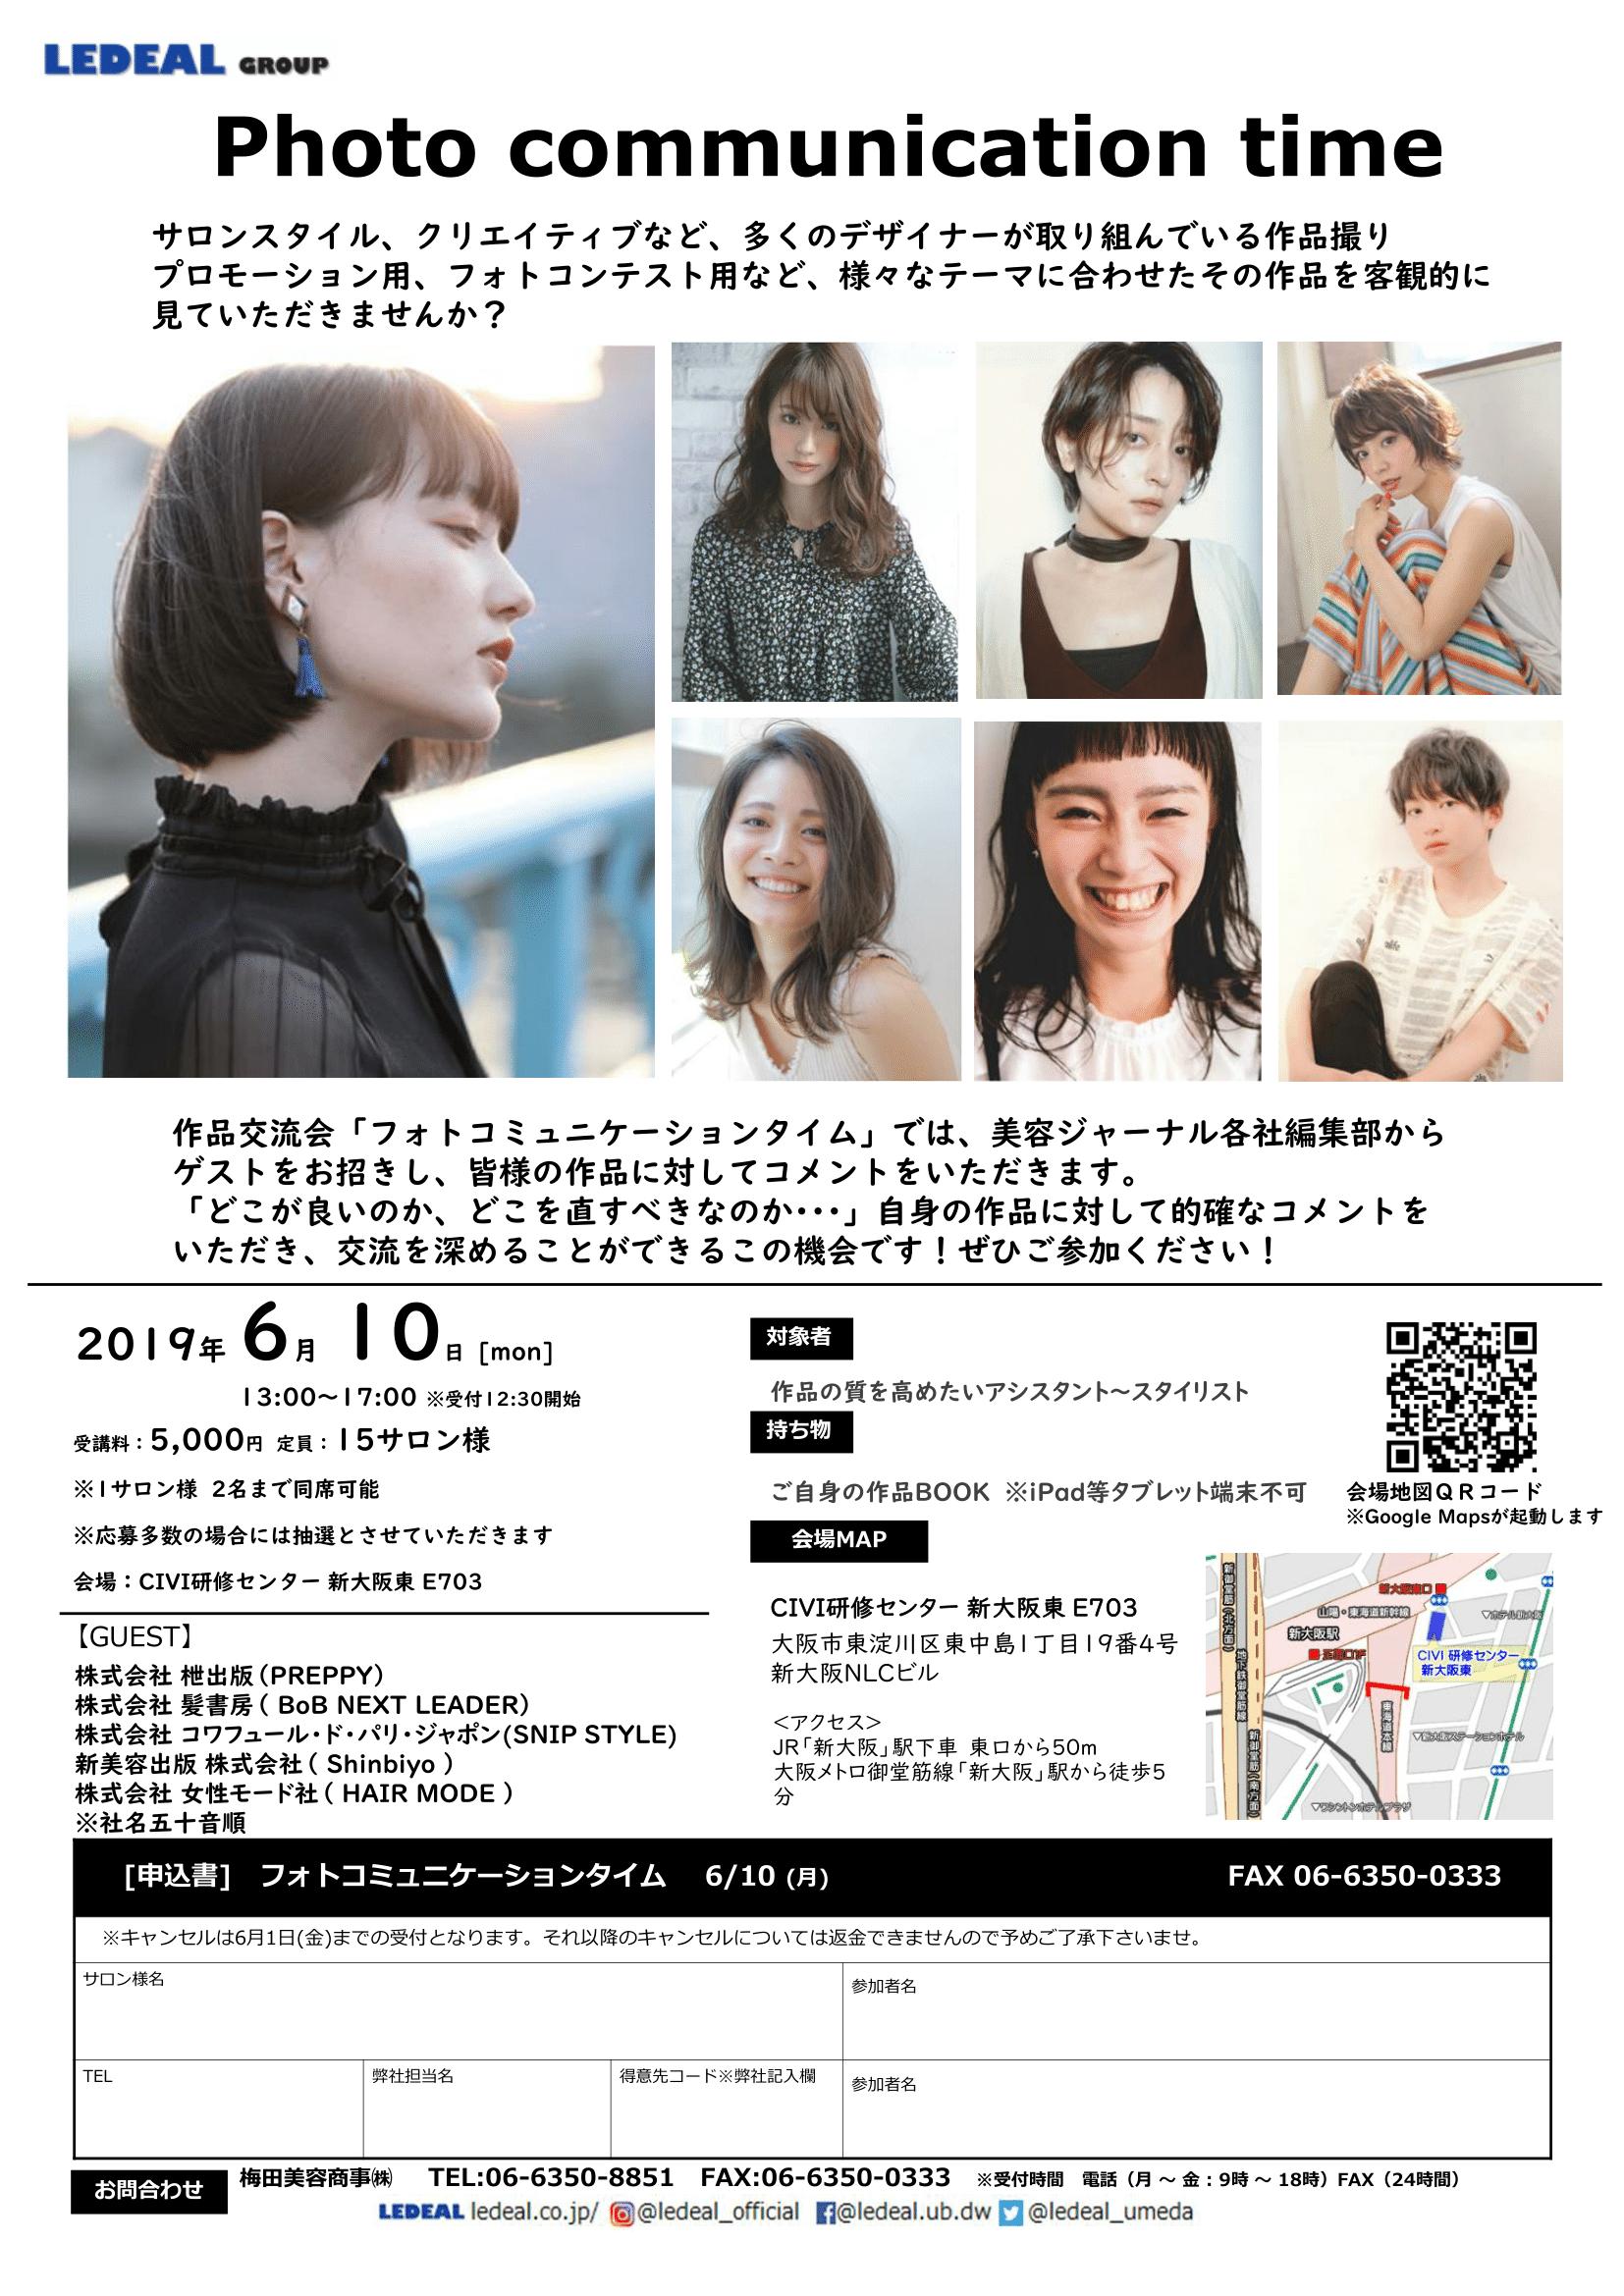 【大阪】Photo communication time